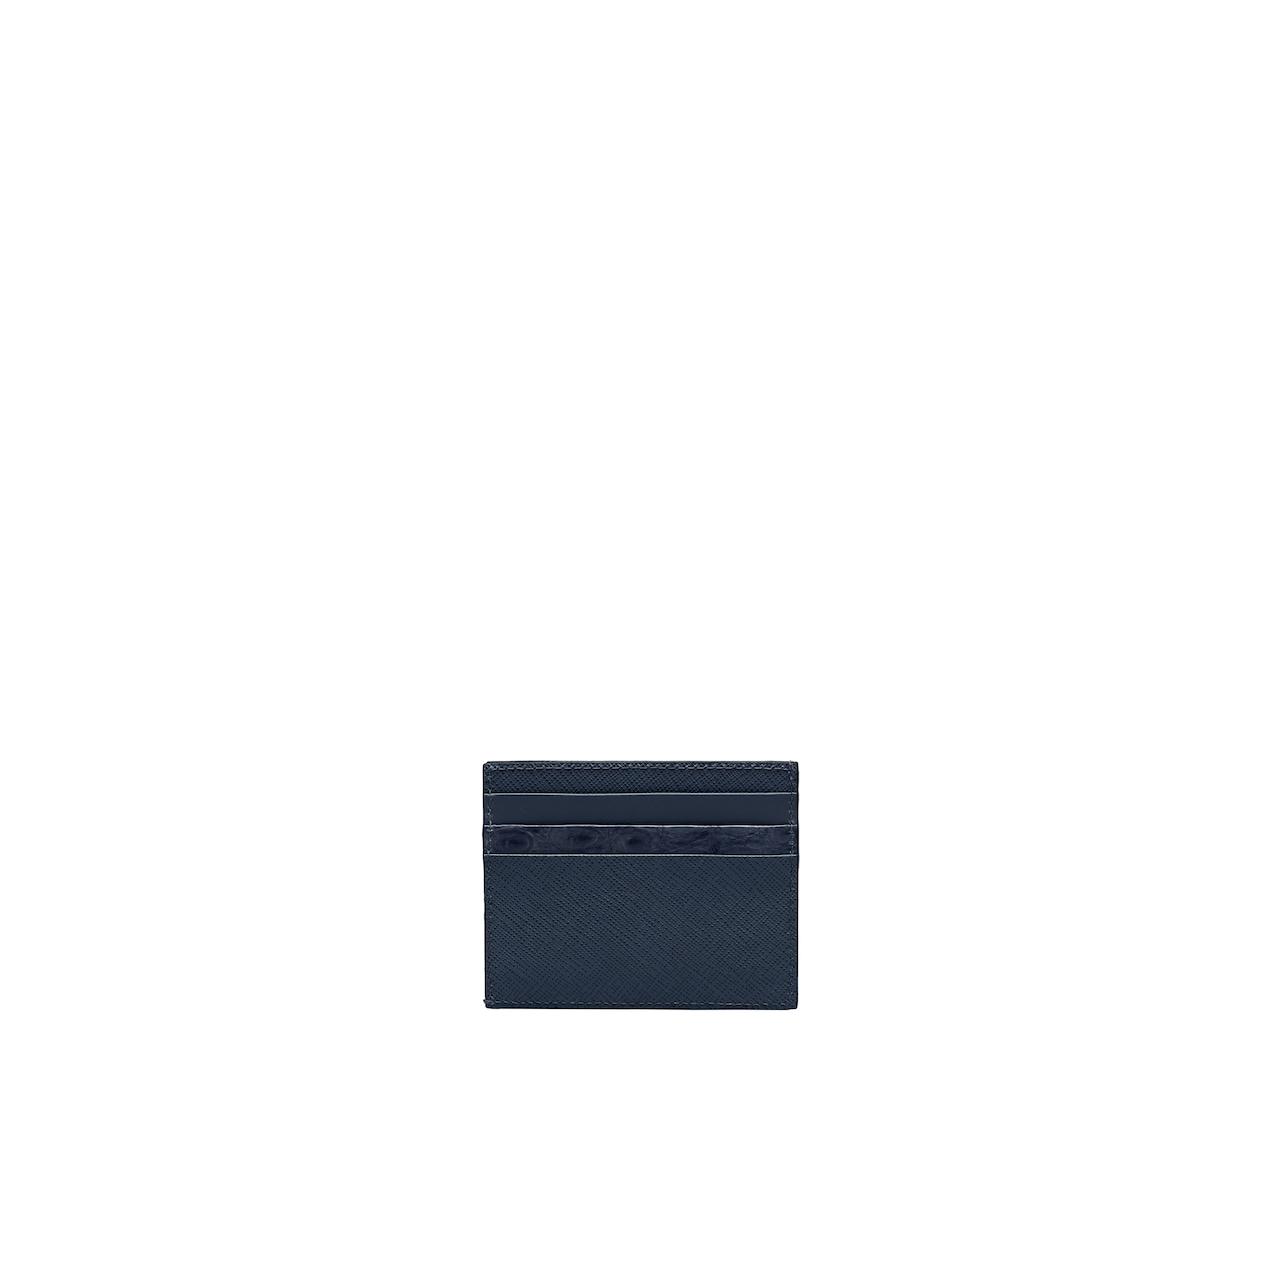 Prada Saffiano and crocodile leather card holder 3